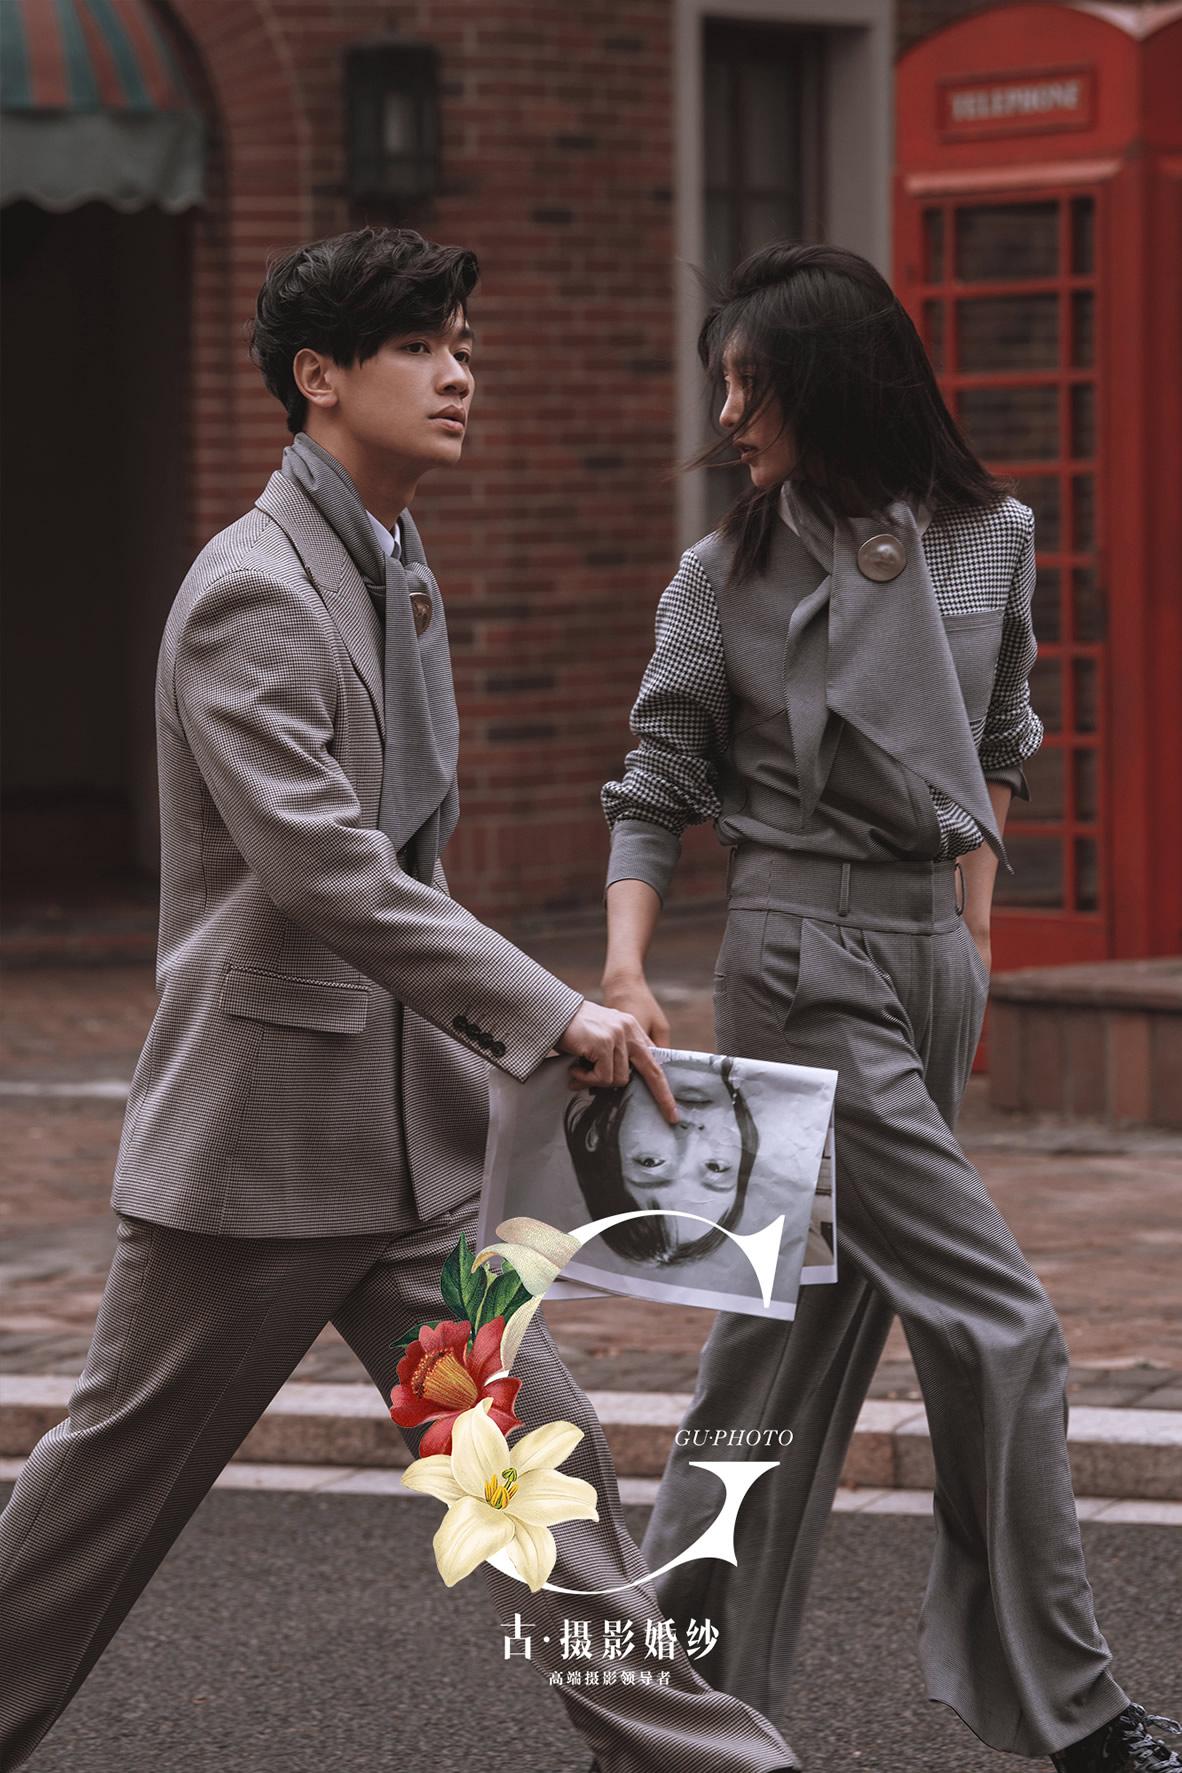 公主道《城市元年》 - 拍摄地 - 广州婚纱摄影-广州古摄影官网